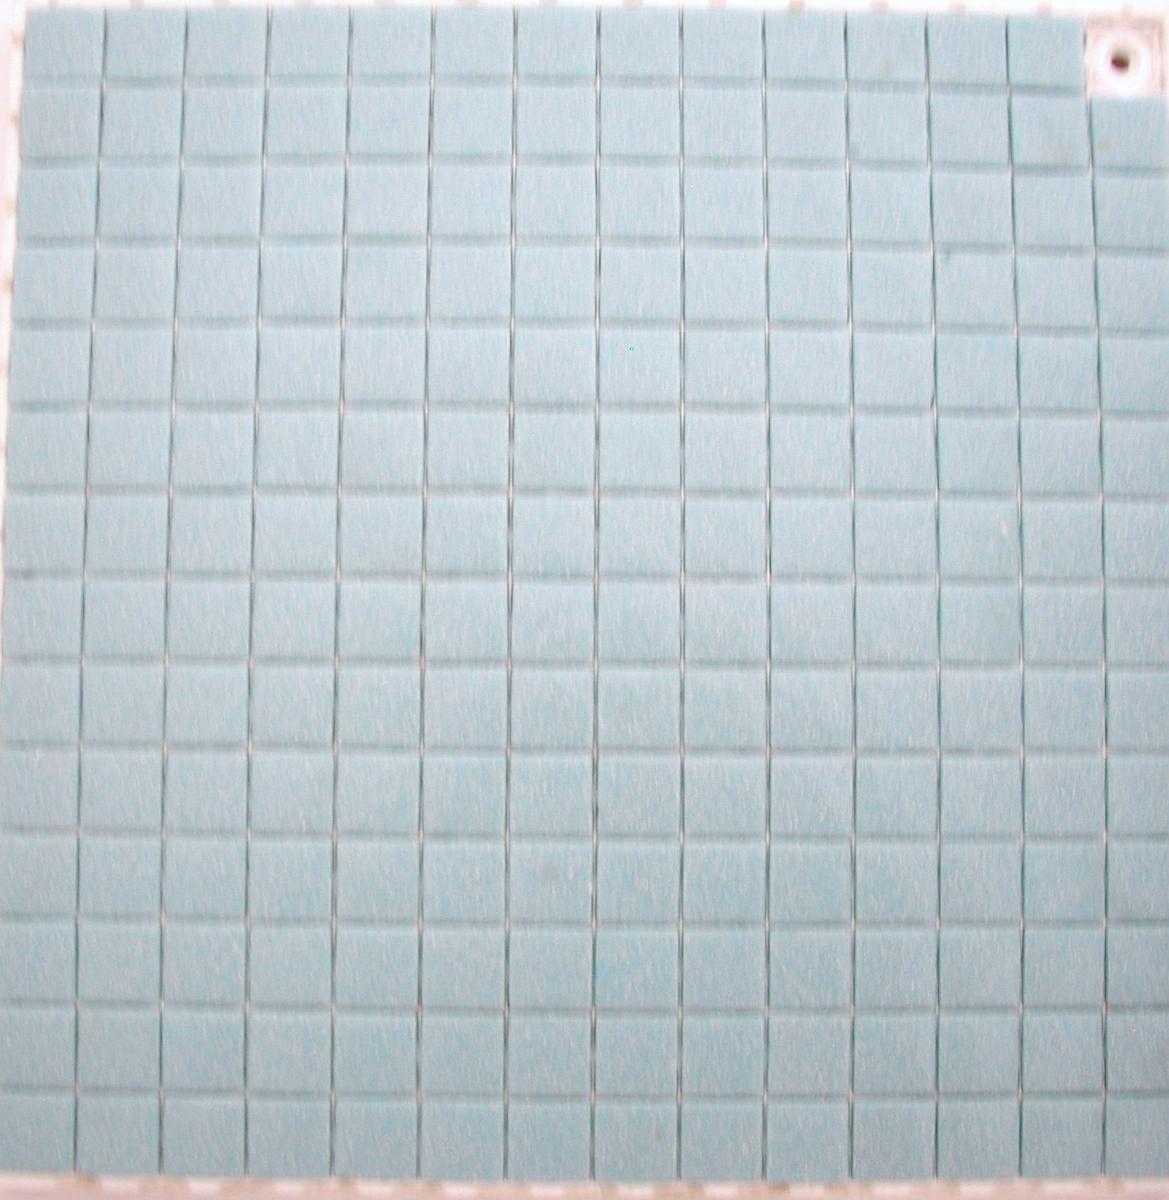 Salle De Bain Chocolat Turquoise bleu turquoise clair granité mosaïque émaux brillant bord droit par  plaquette de 20 carreaux